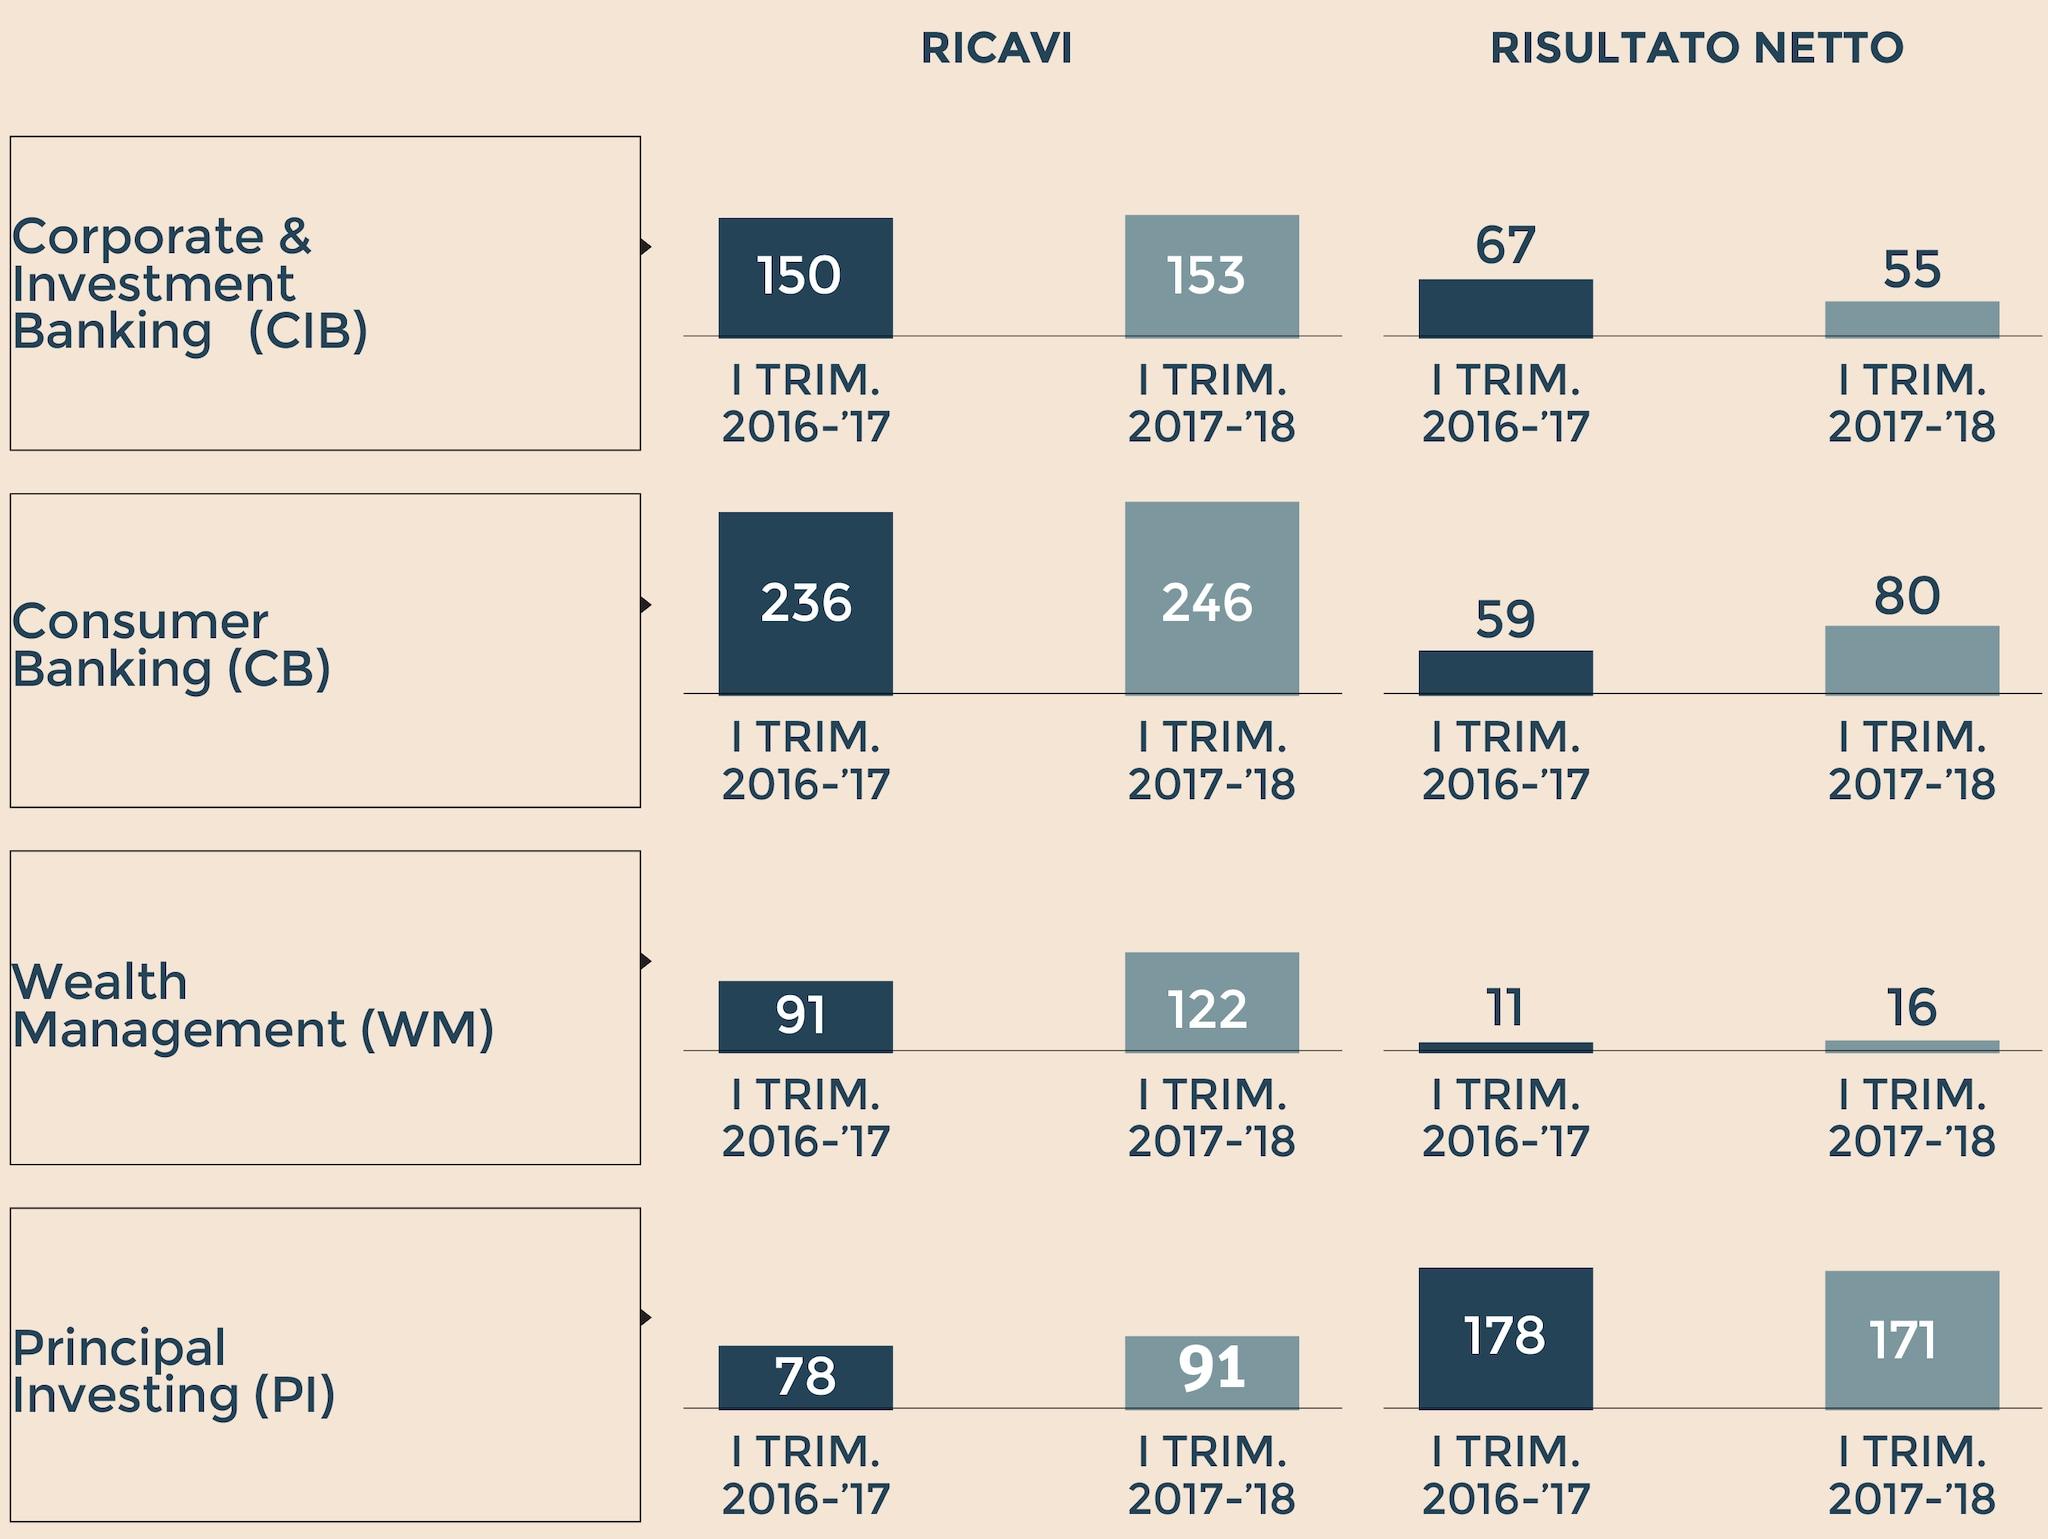 BILANCIO  DELLE VARIE DIVISIONI